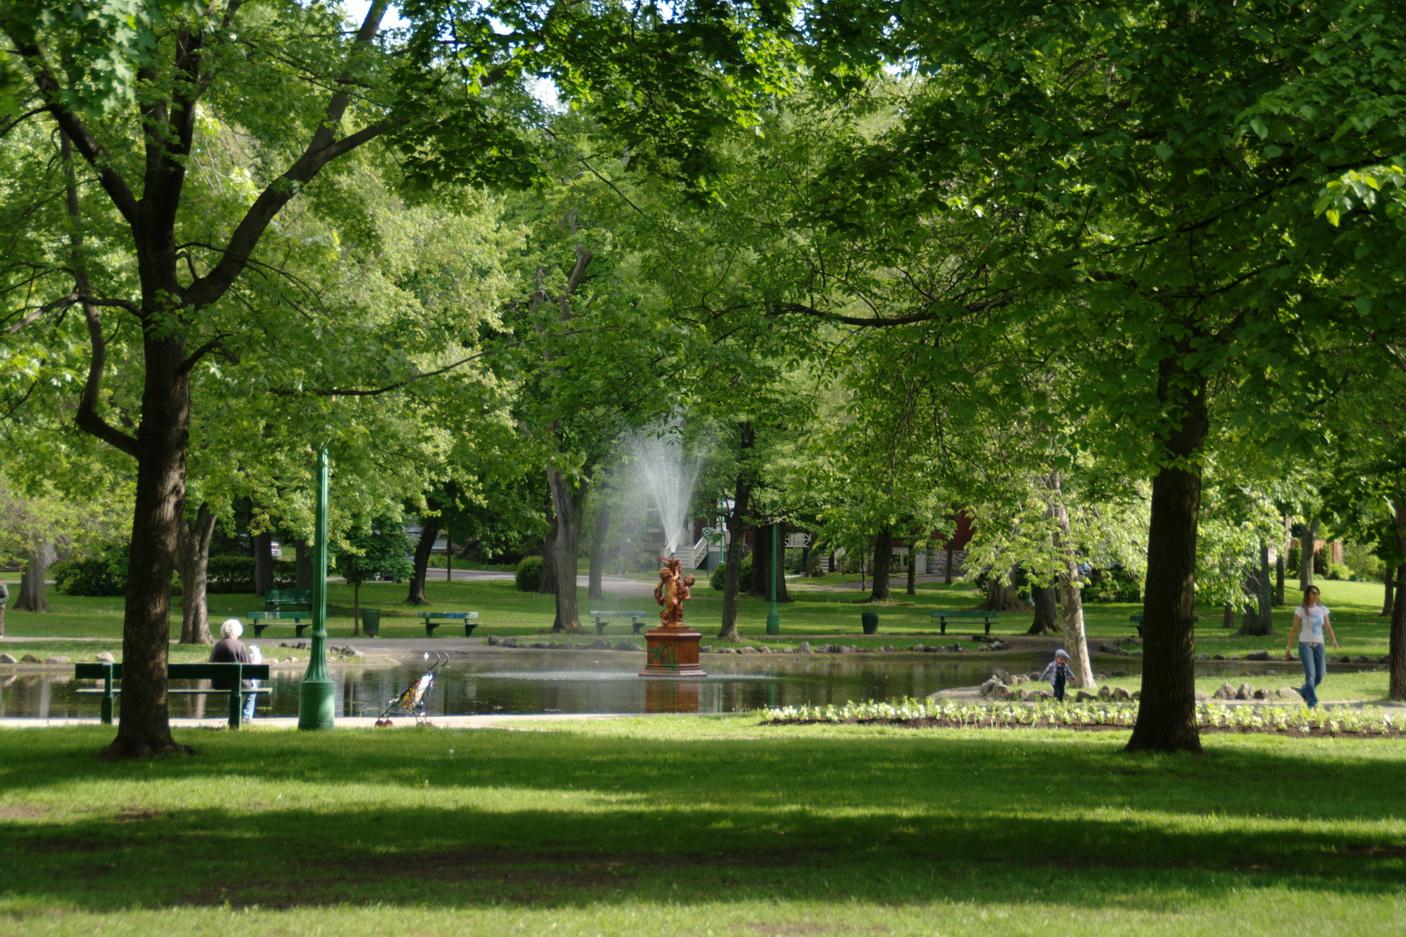 Y a-t-il place au silence dans un parc urbain? | Les